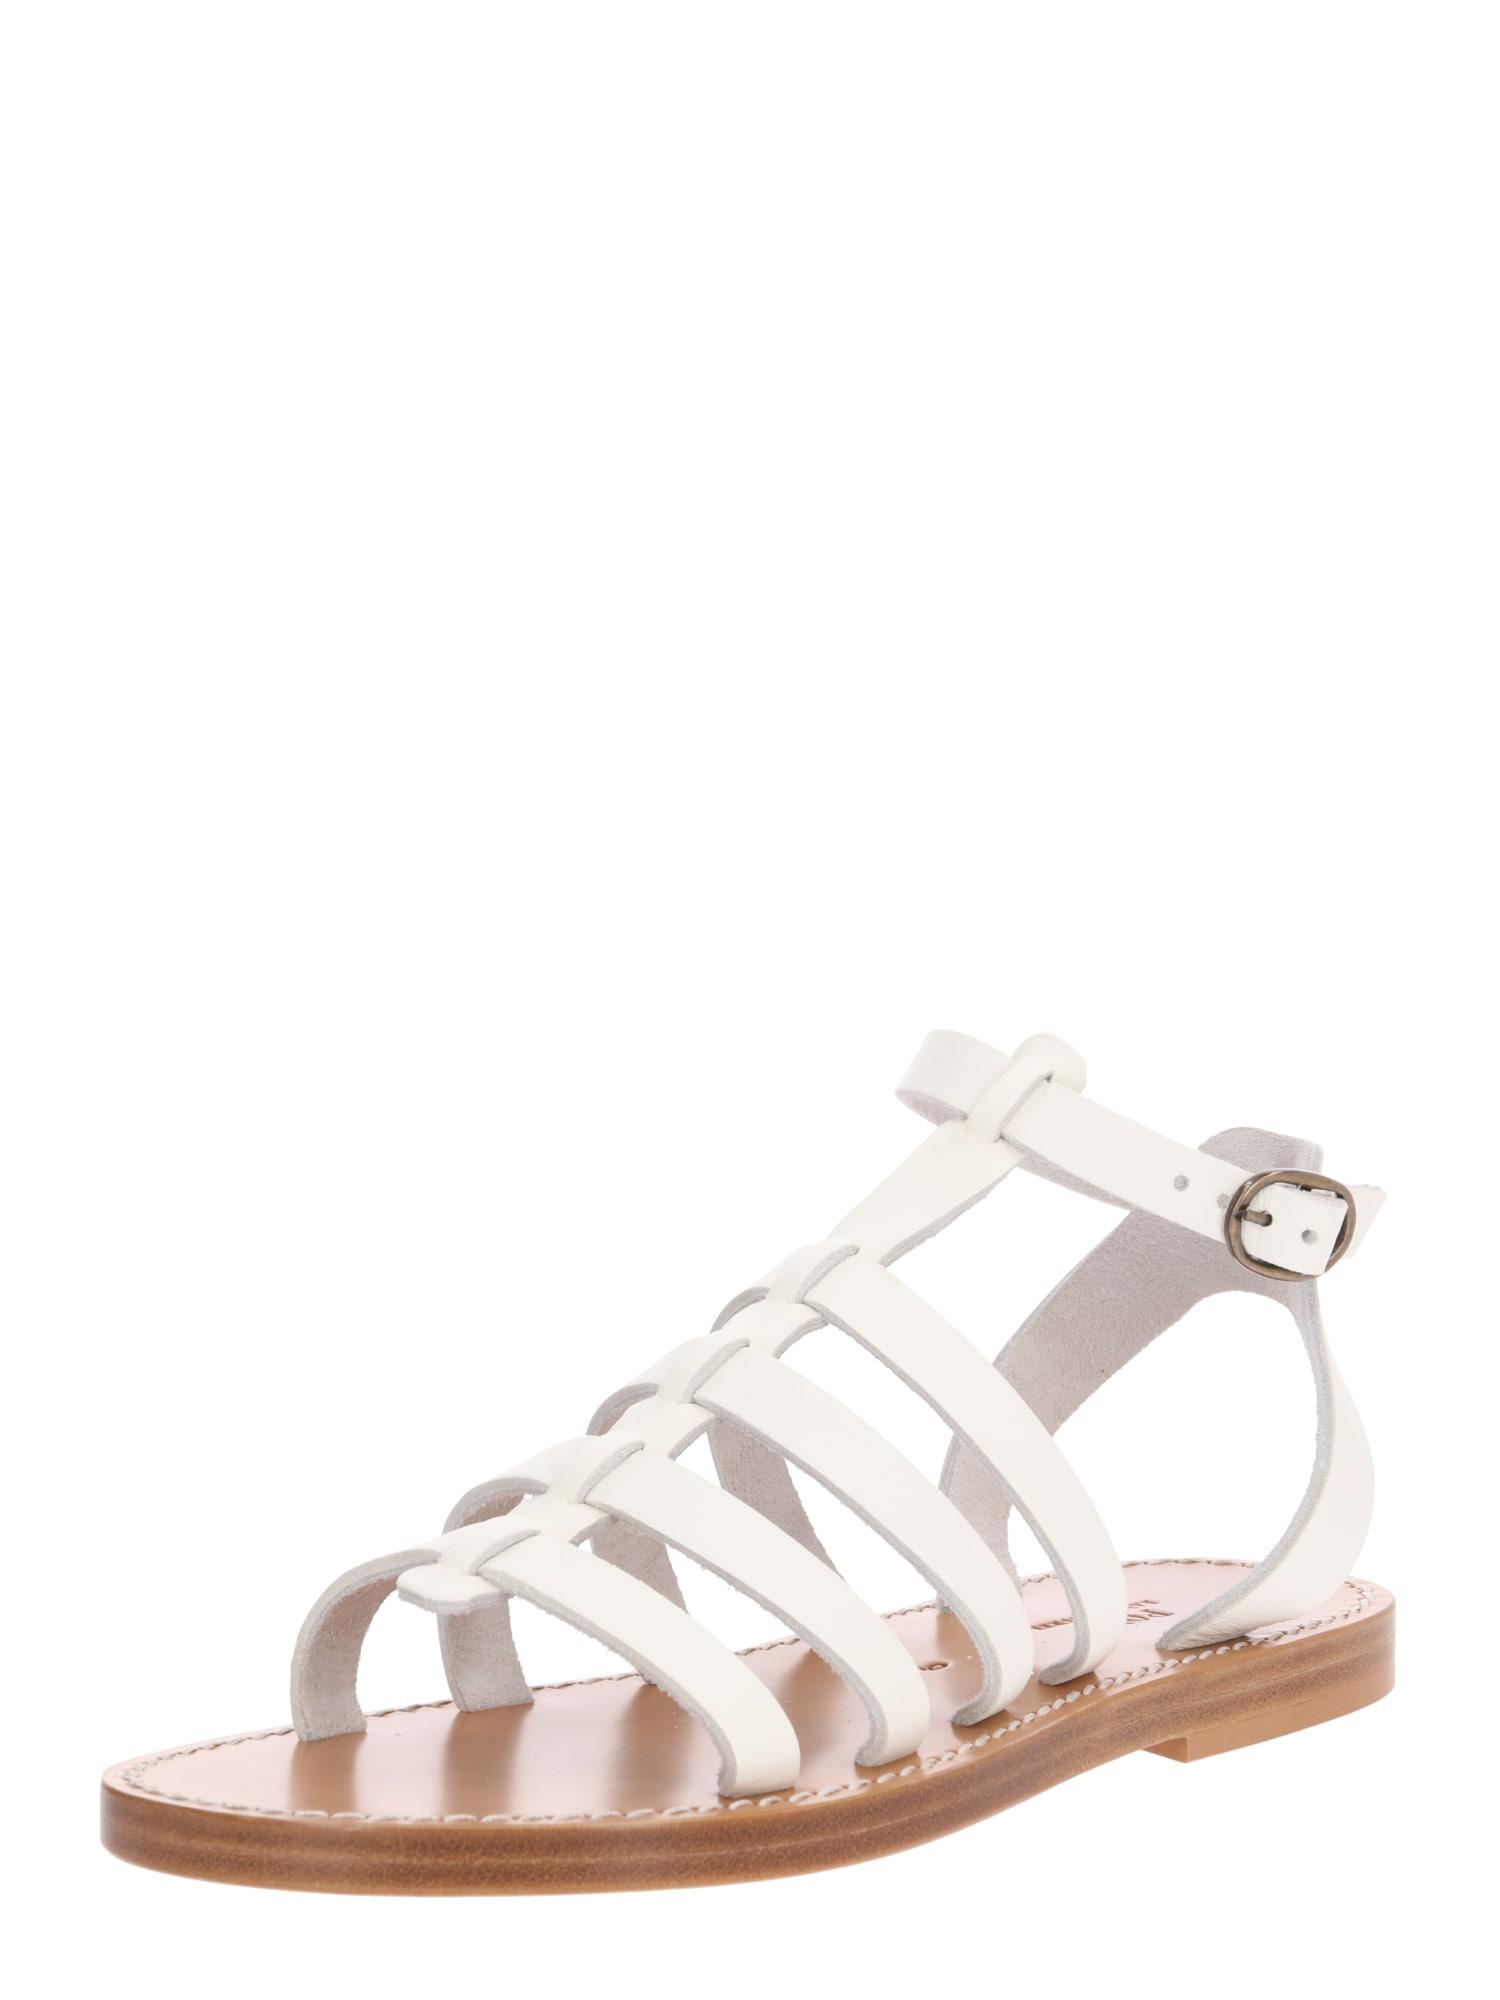 Páskové sandály Julianne hnědá bílá POLO RALPH LAUREN